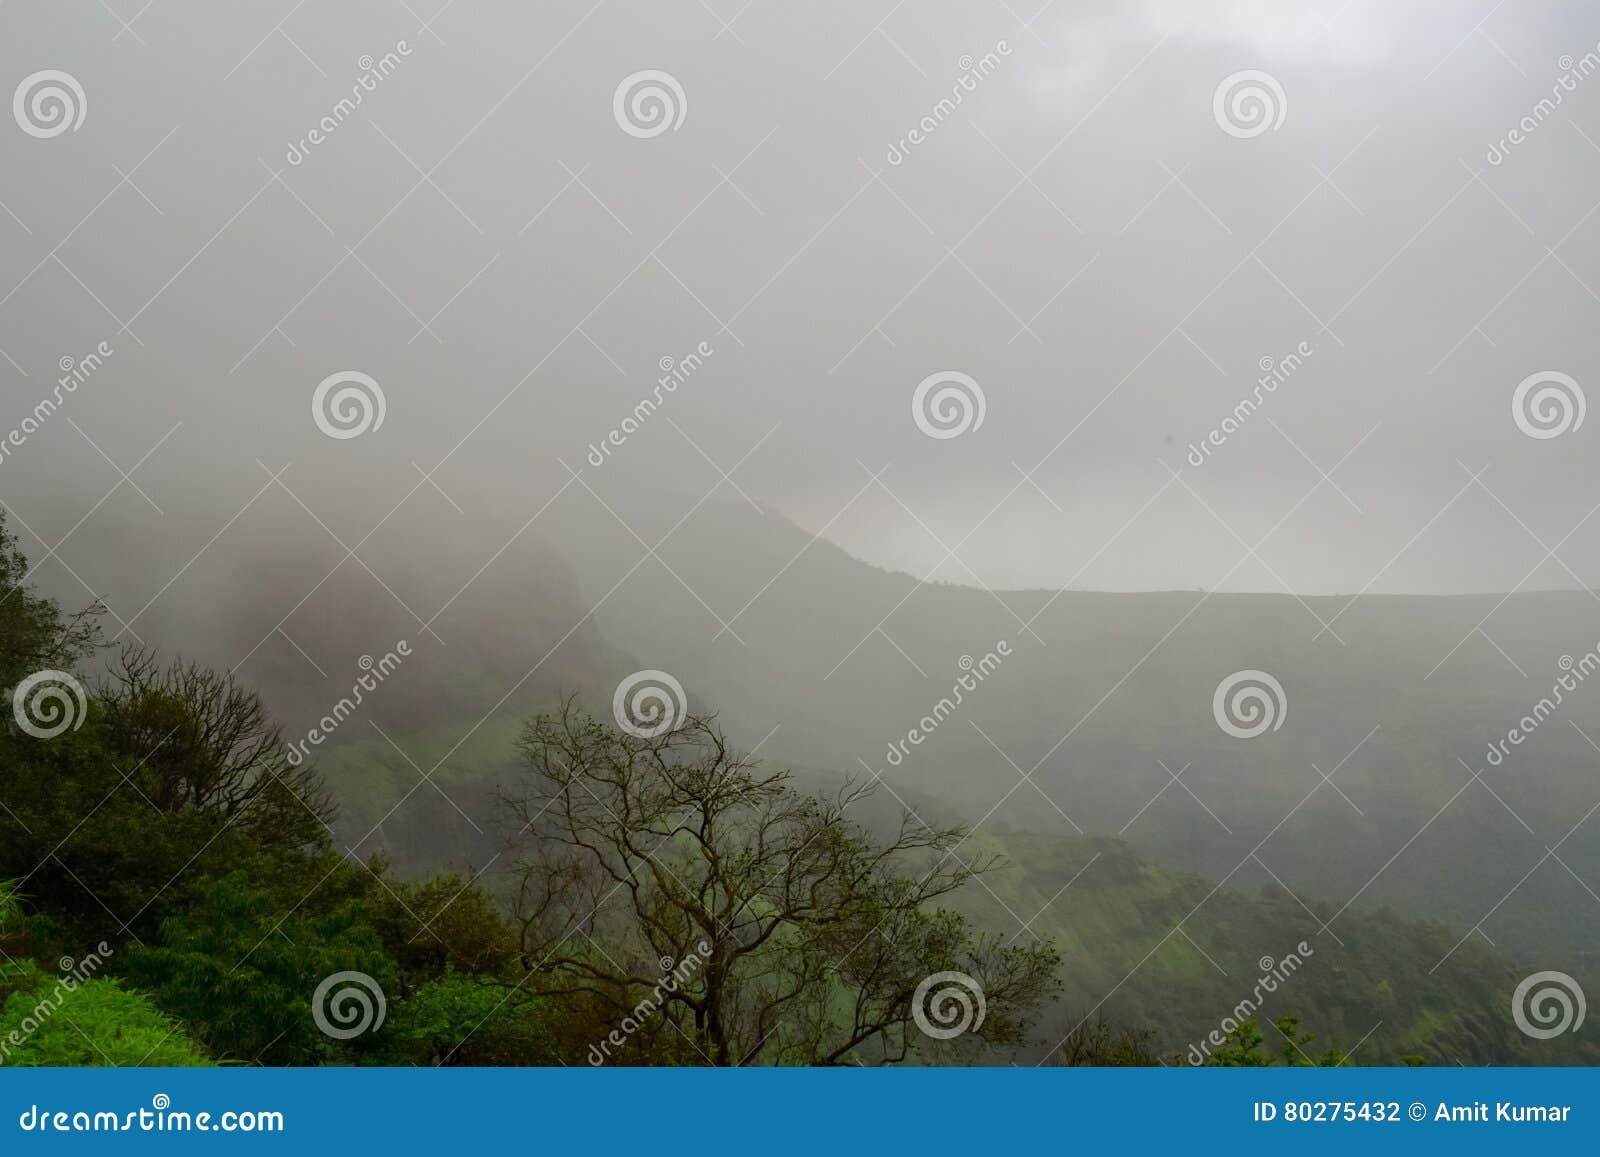 Wolken, die in der Matheran-Hügelstation von Raigad-Bezirk Maharashtra schweben